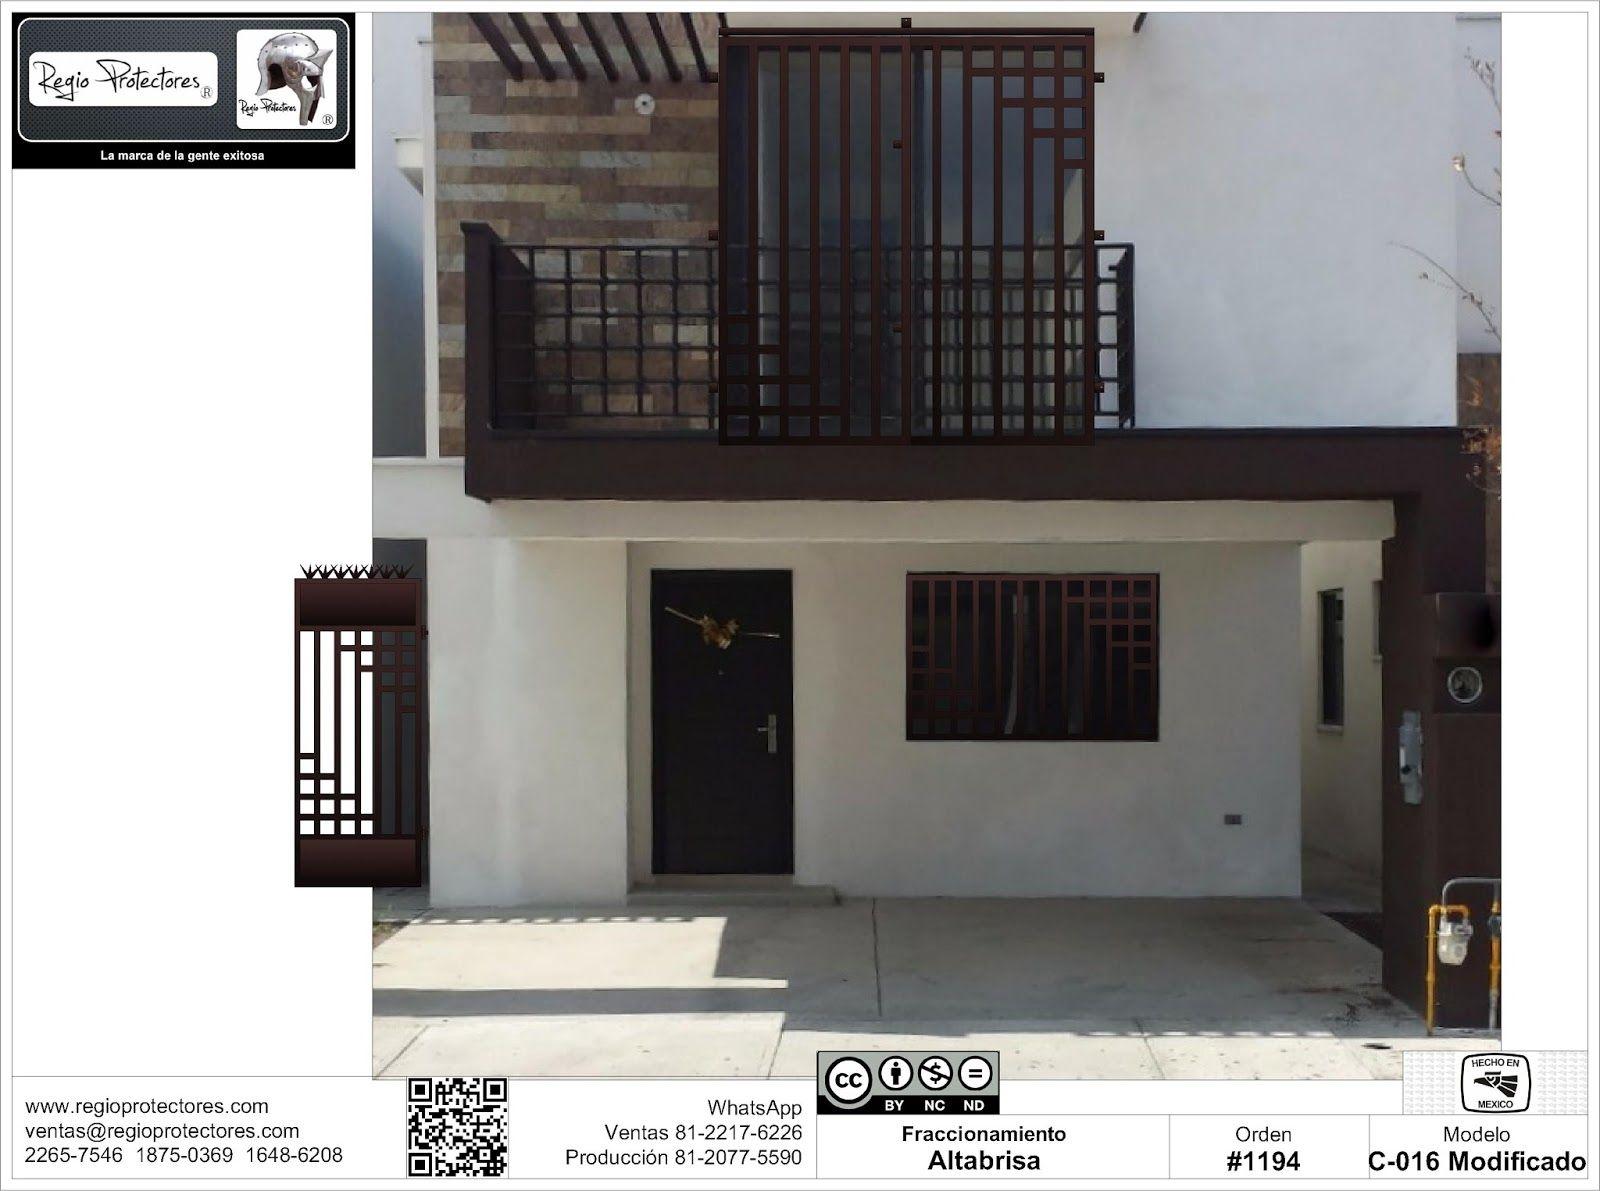 Regio protectores protectores para ventanas puertas for Puertas de casa